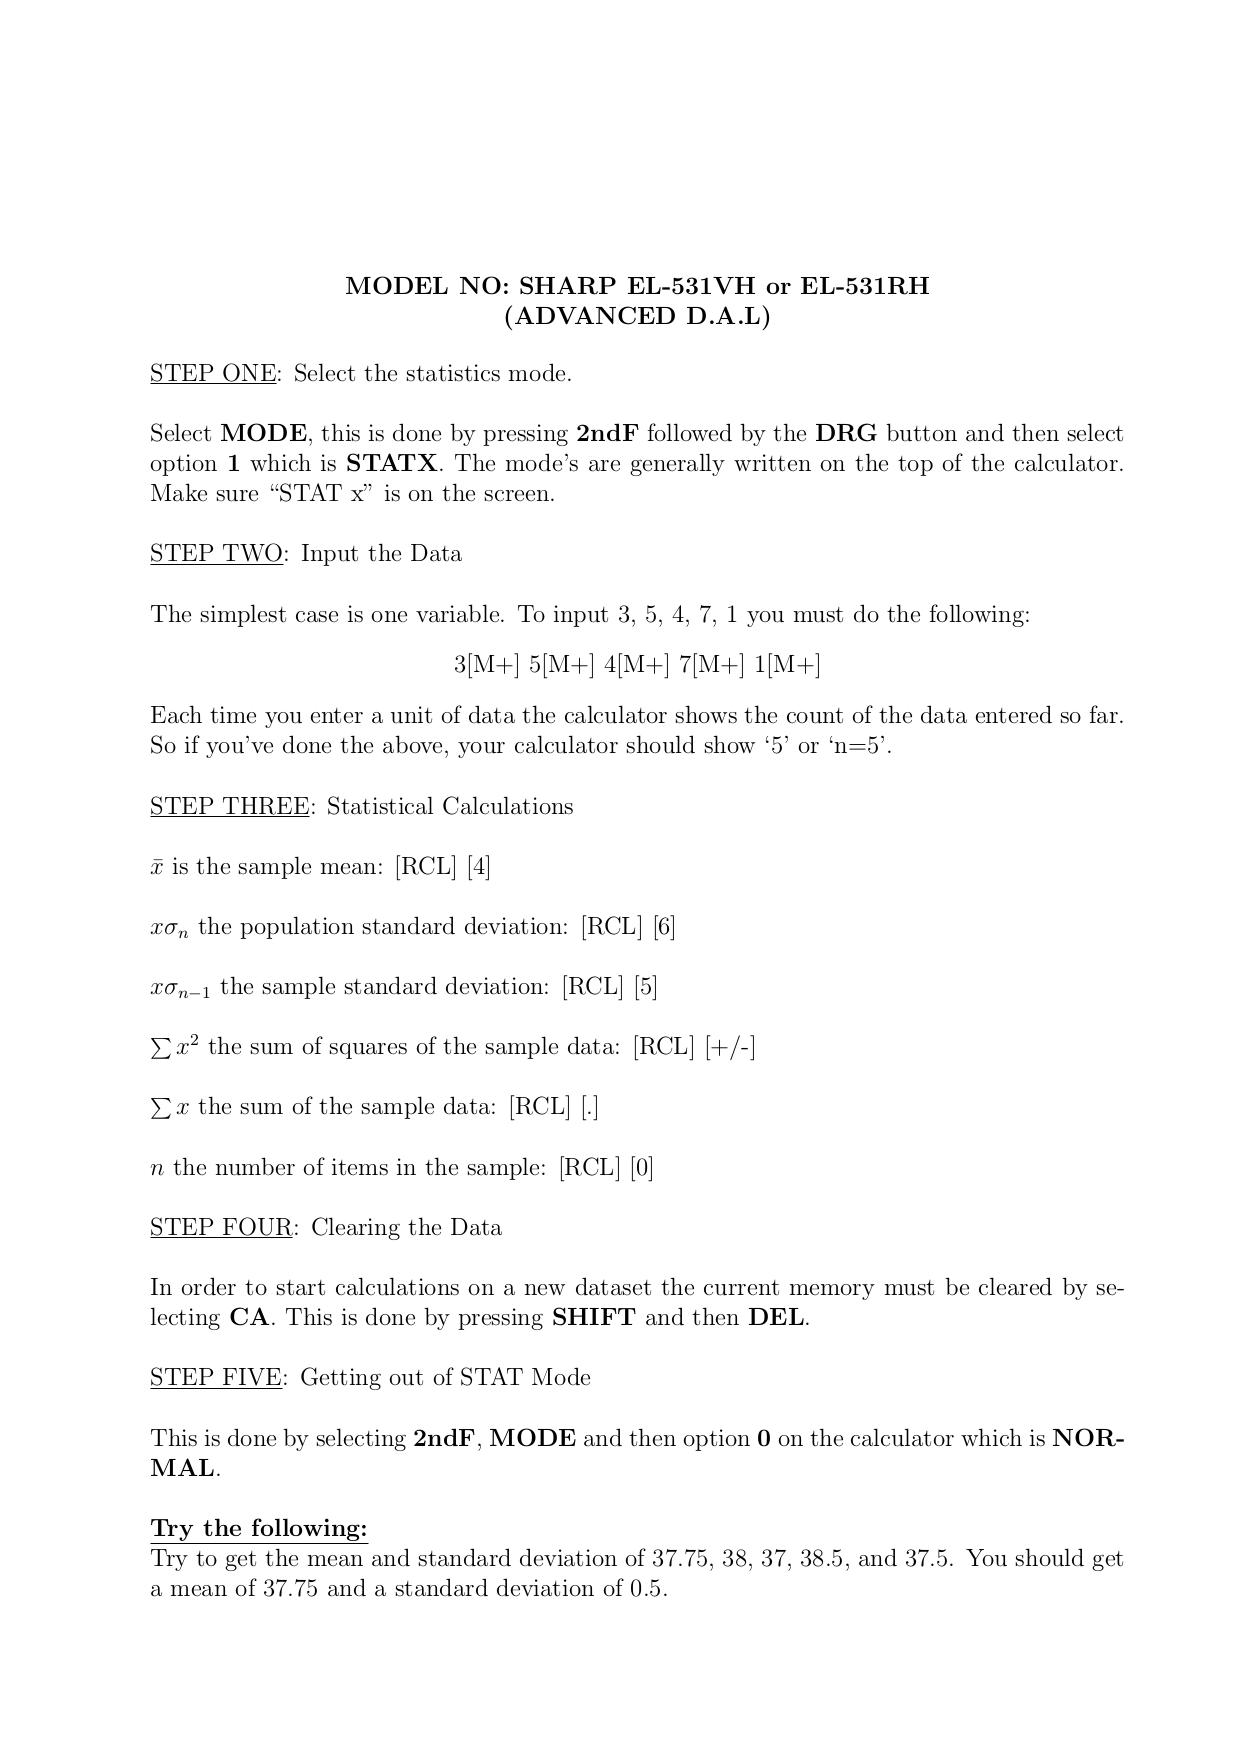 download free pdf for sharp el 506w calculator manual rh umlib com Sharp EL 1197Piii Calculator Ribbon sharp scientific calculator el-506w manual